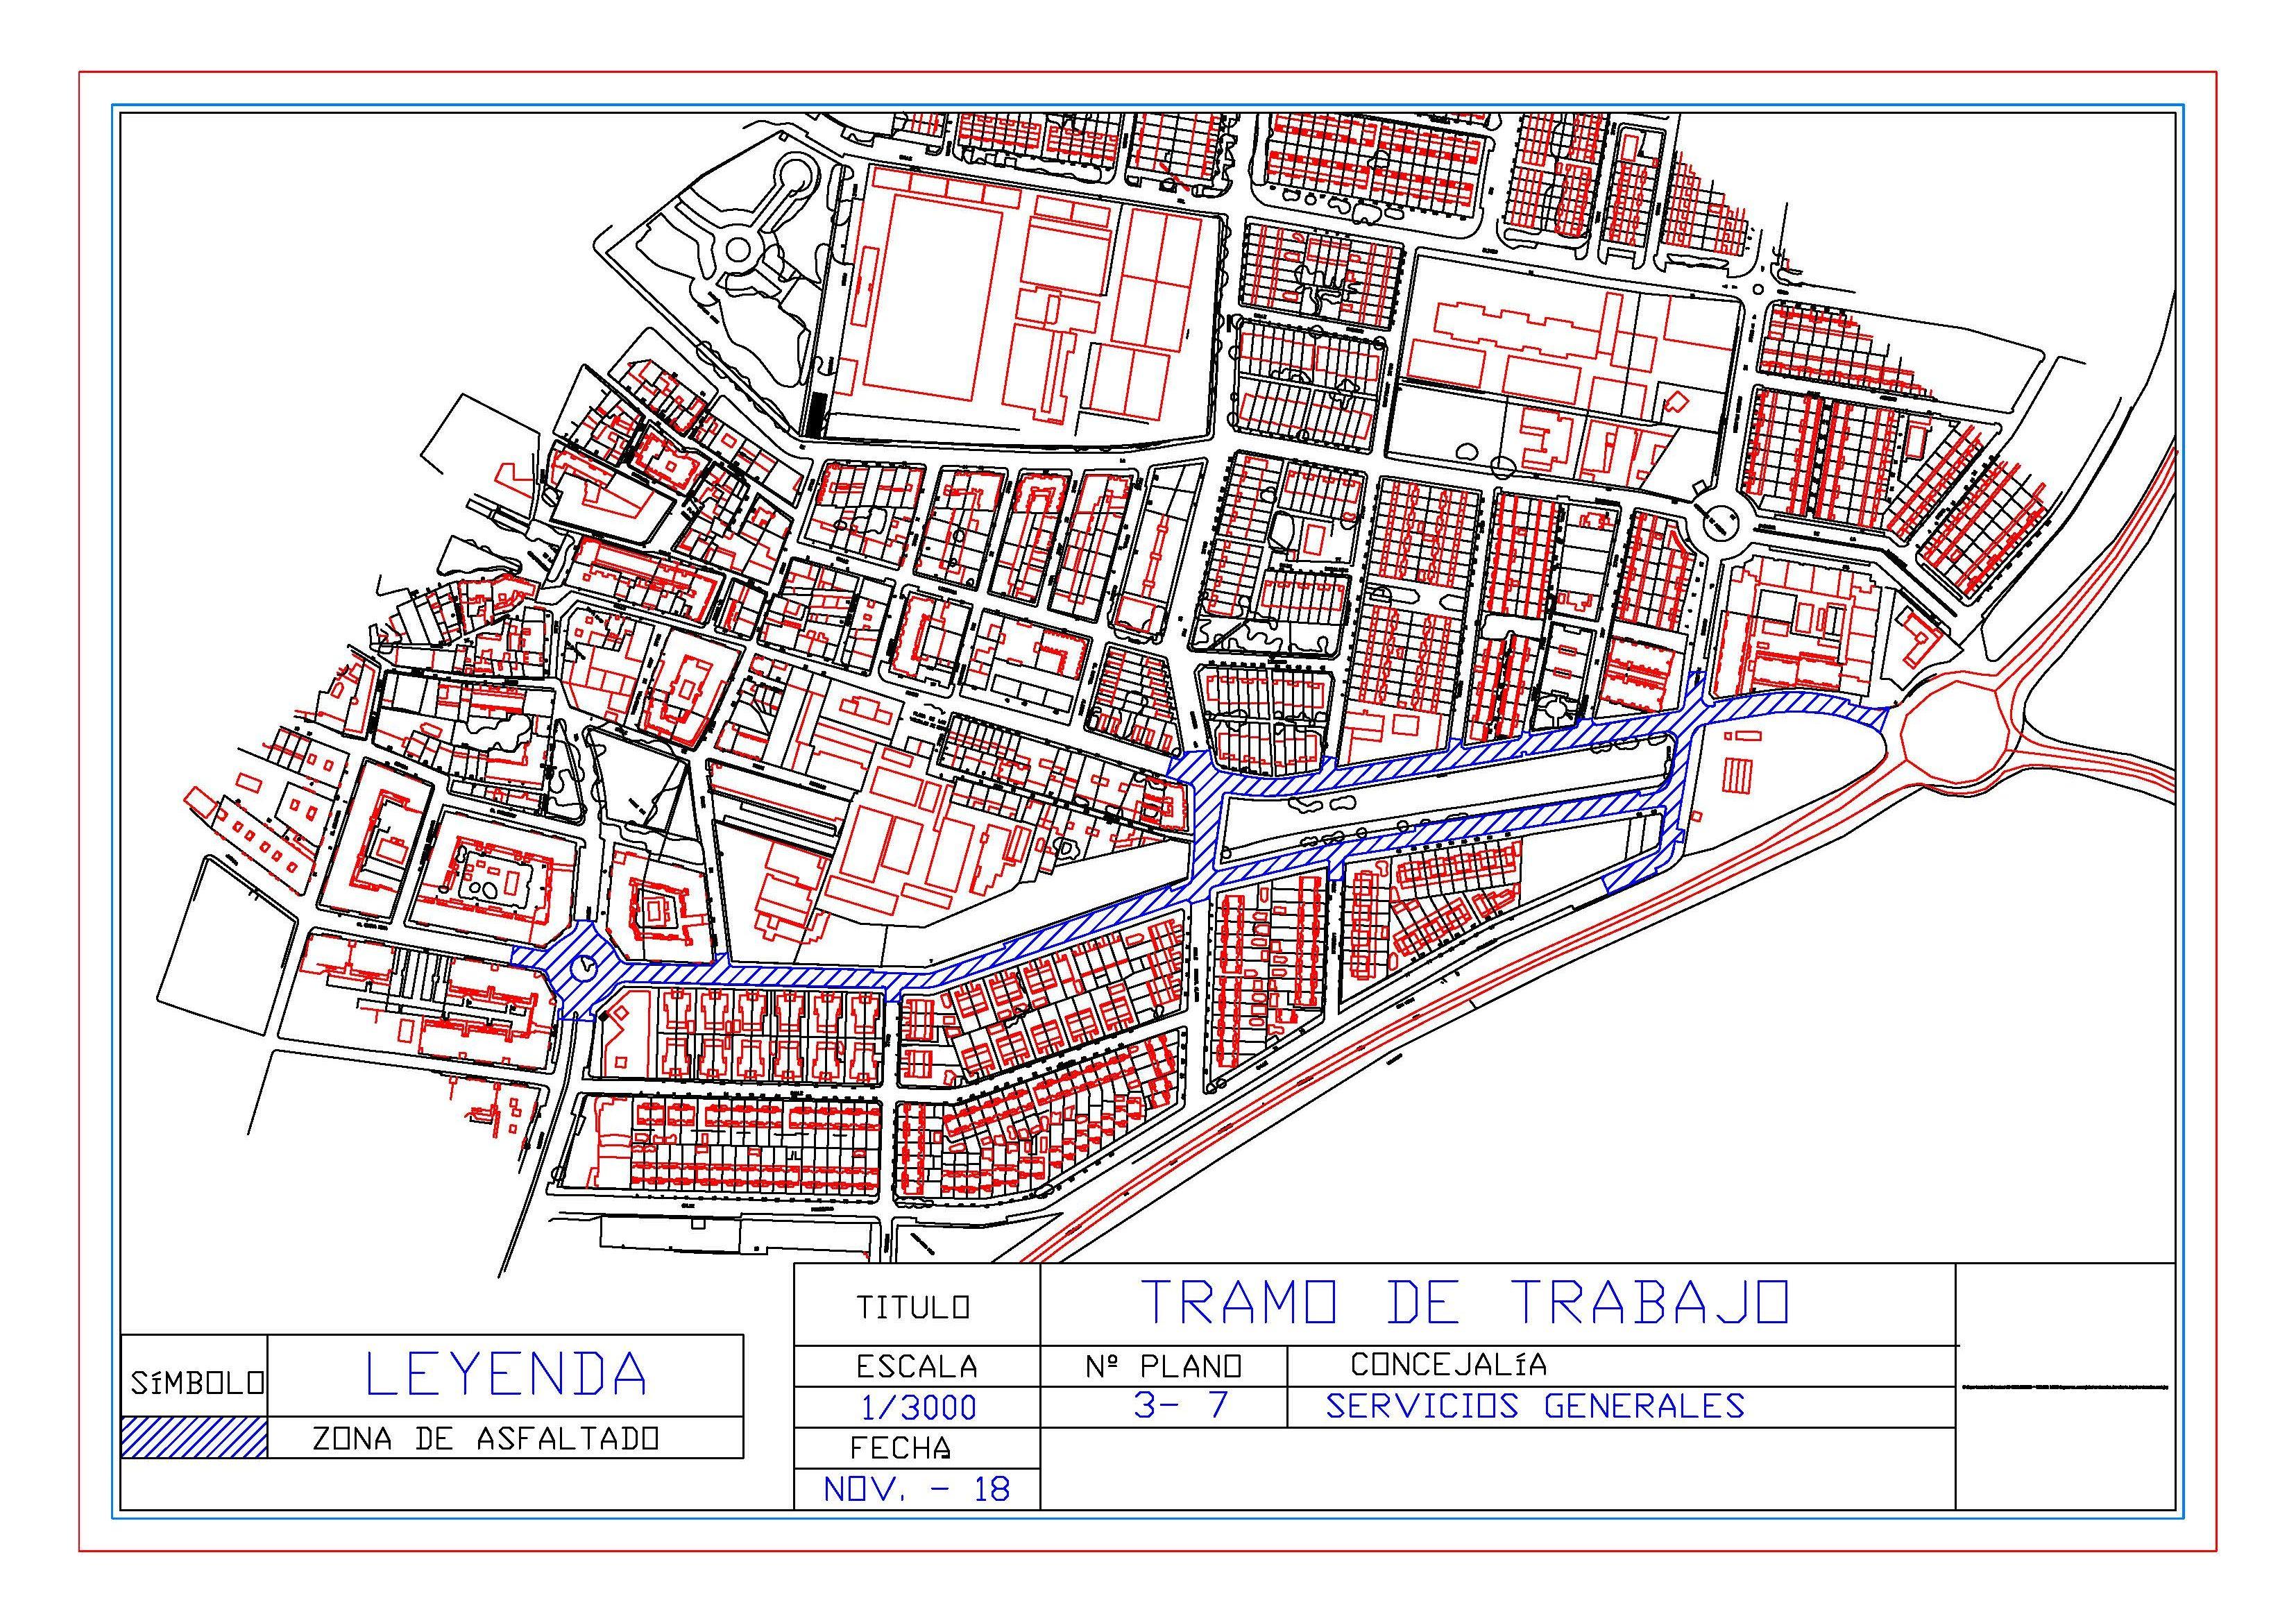 Esta semana comenzará la segunda fase de la operación municipal de asfalto